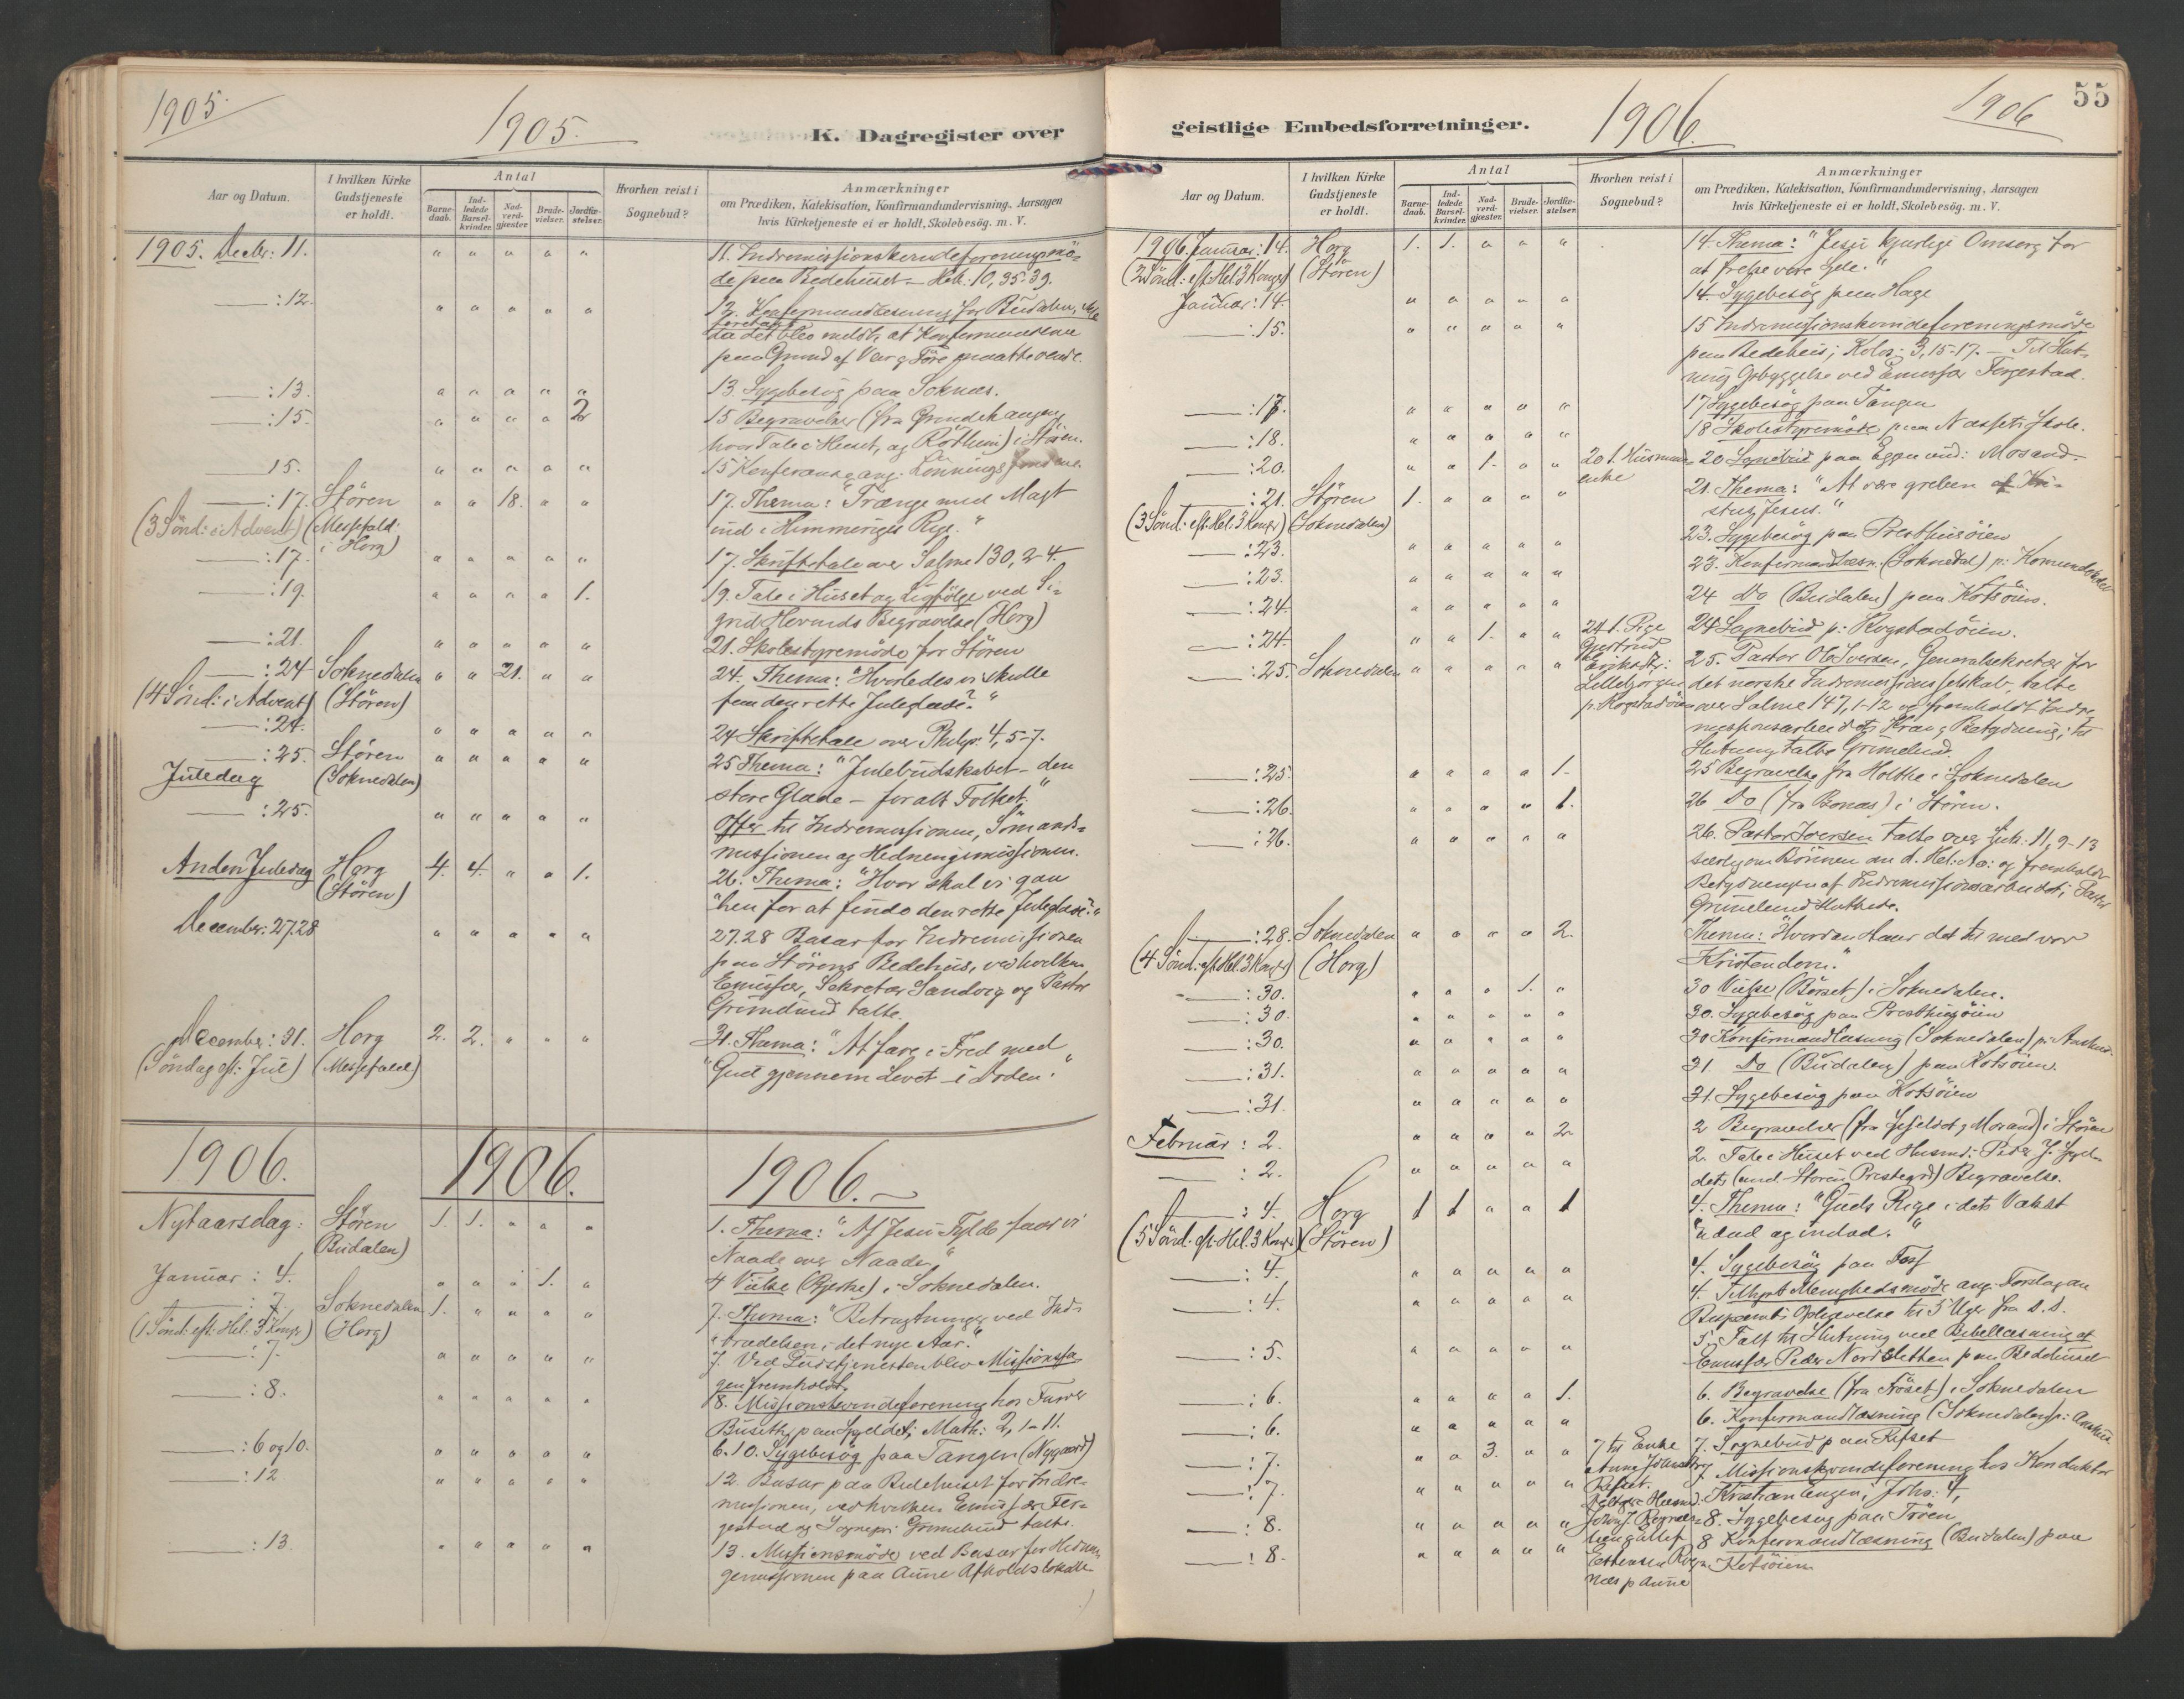 SAT, Ministerialprotokoller, klokkerbøker og fødselsregistre - Sør-Trøndelag, 687/L1005: Dagregister nr. 687A11, 1891-1912, s. 55